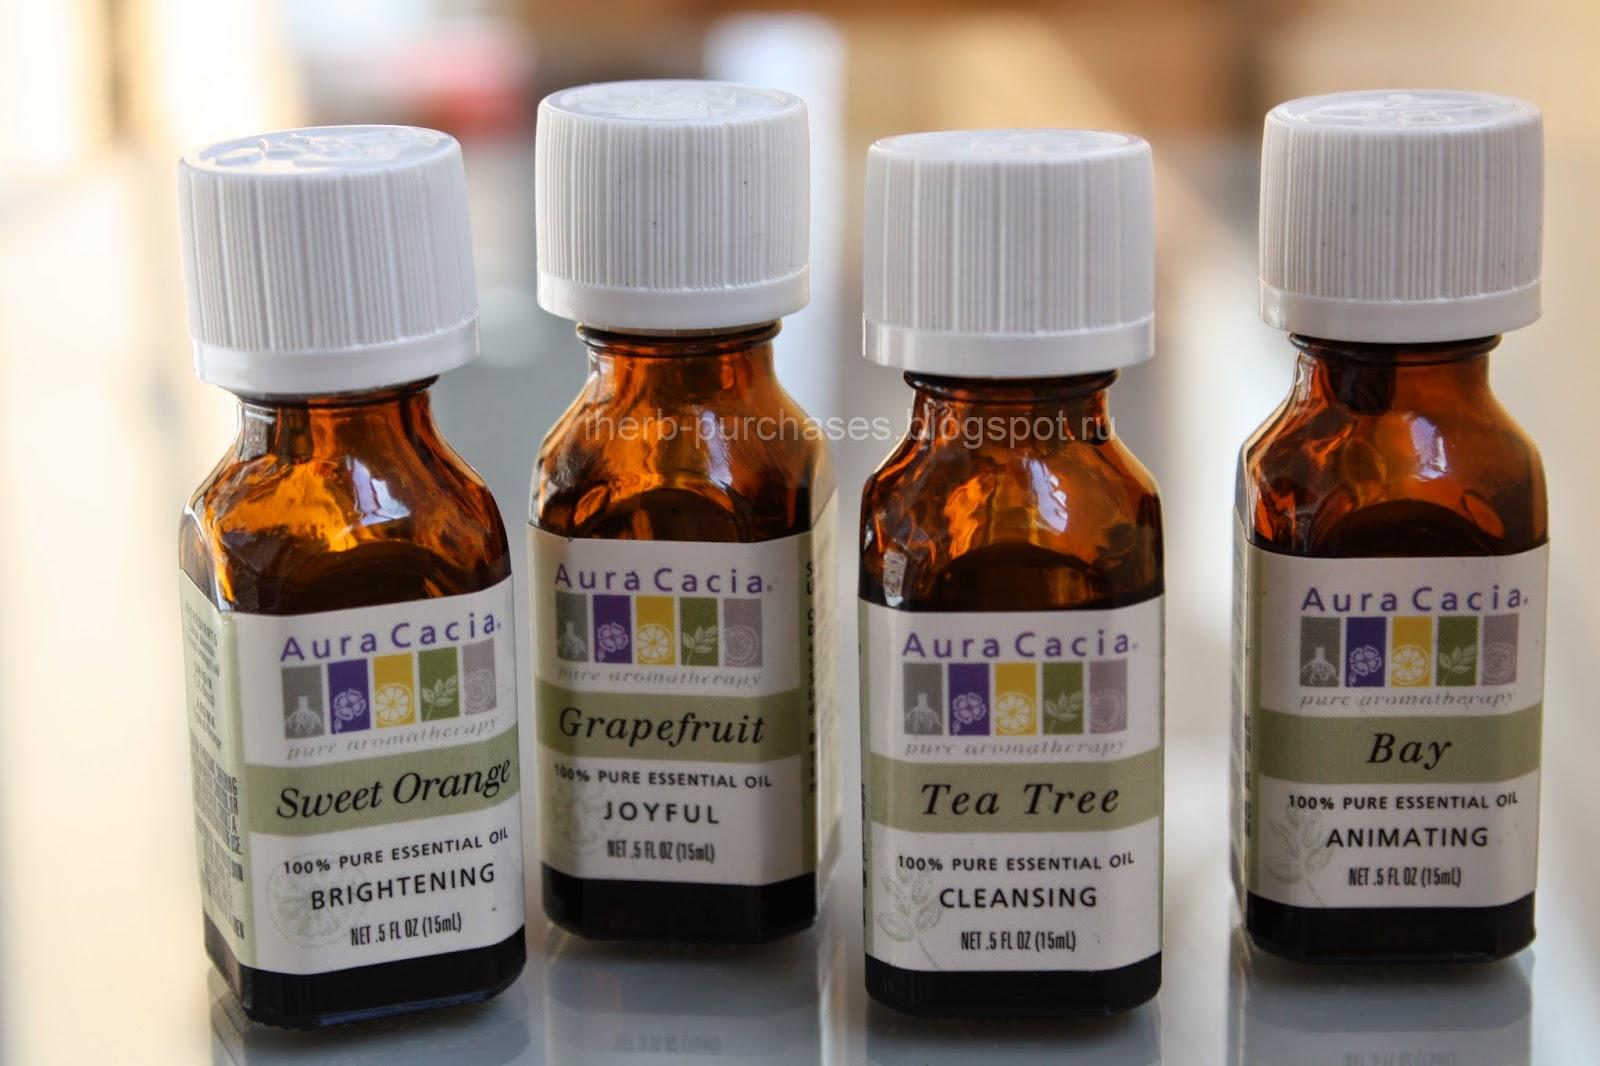 эфирное масло, апельсин, грейпфрут, бэй, чайное дерево отзыв обзор iherb